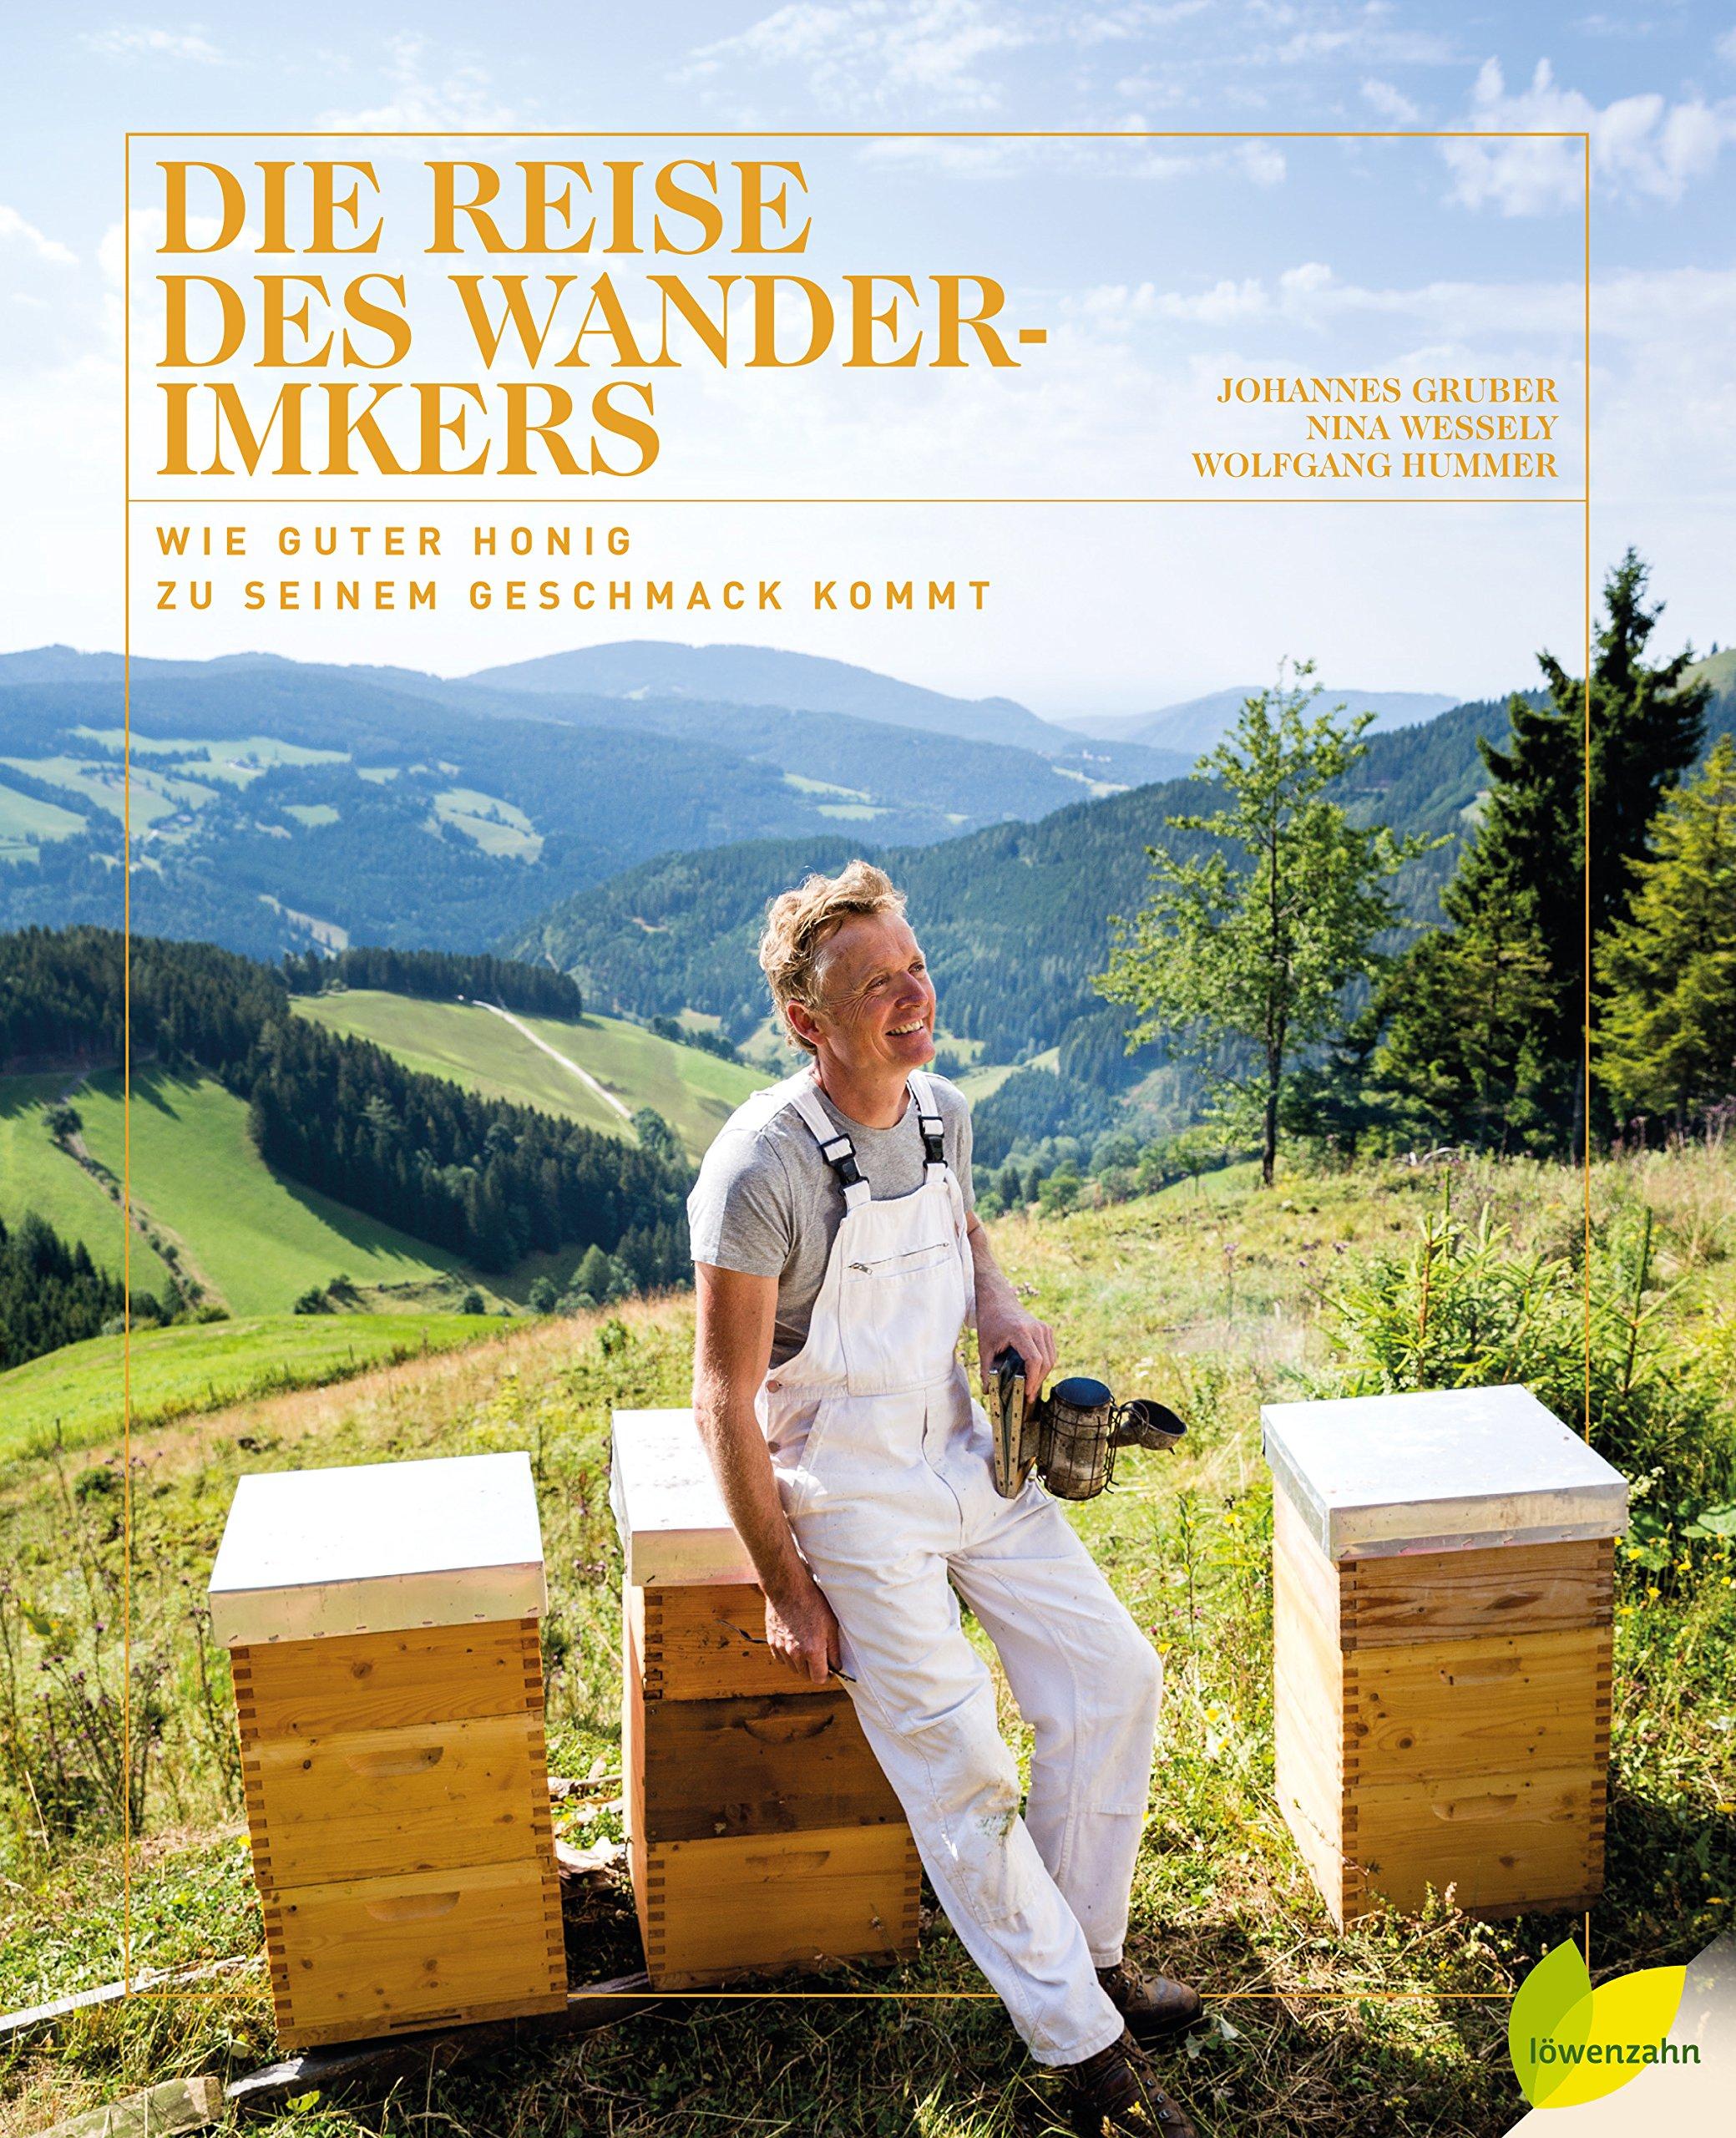 Die Reise des Wanderimkers: Wie guter Honig zu seinem Geschmack kommt